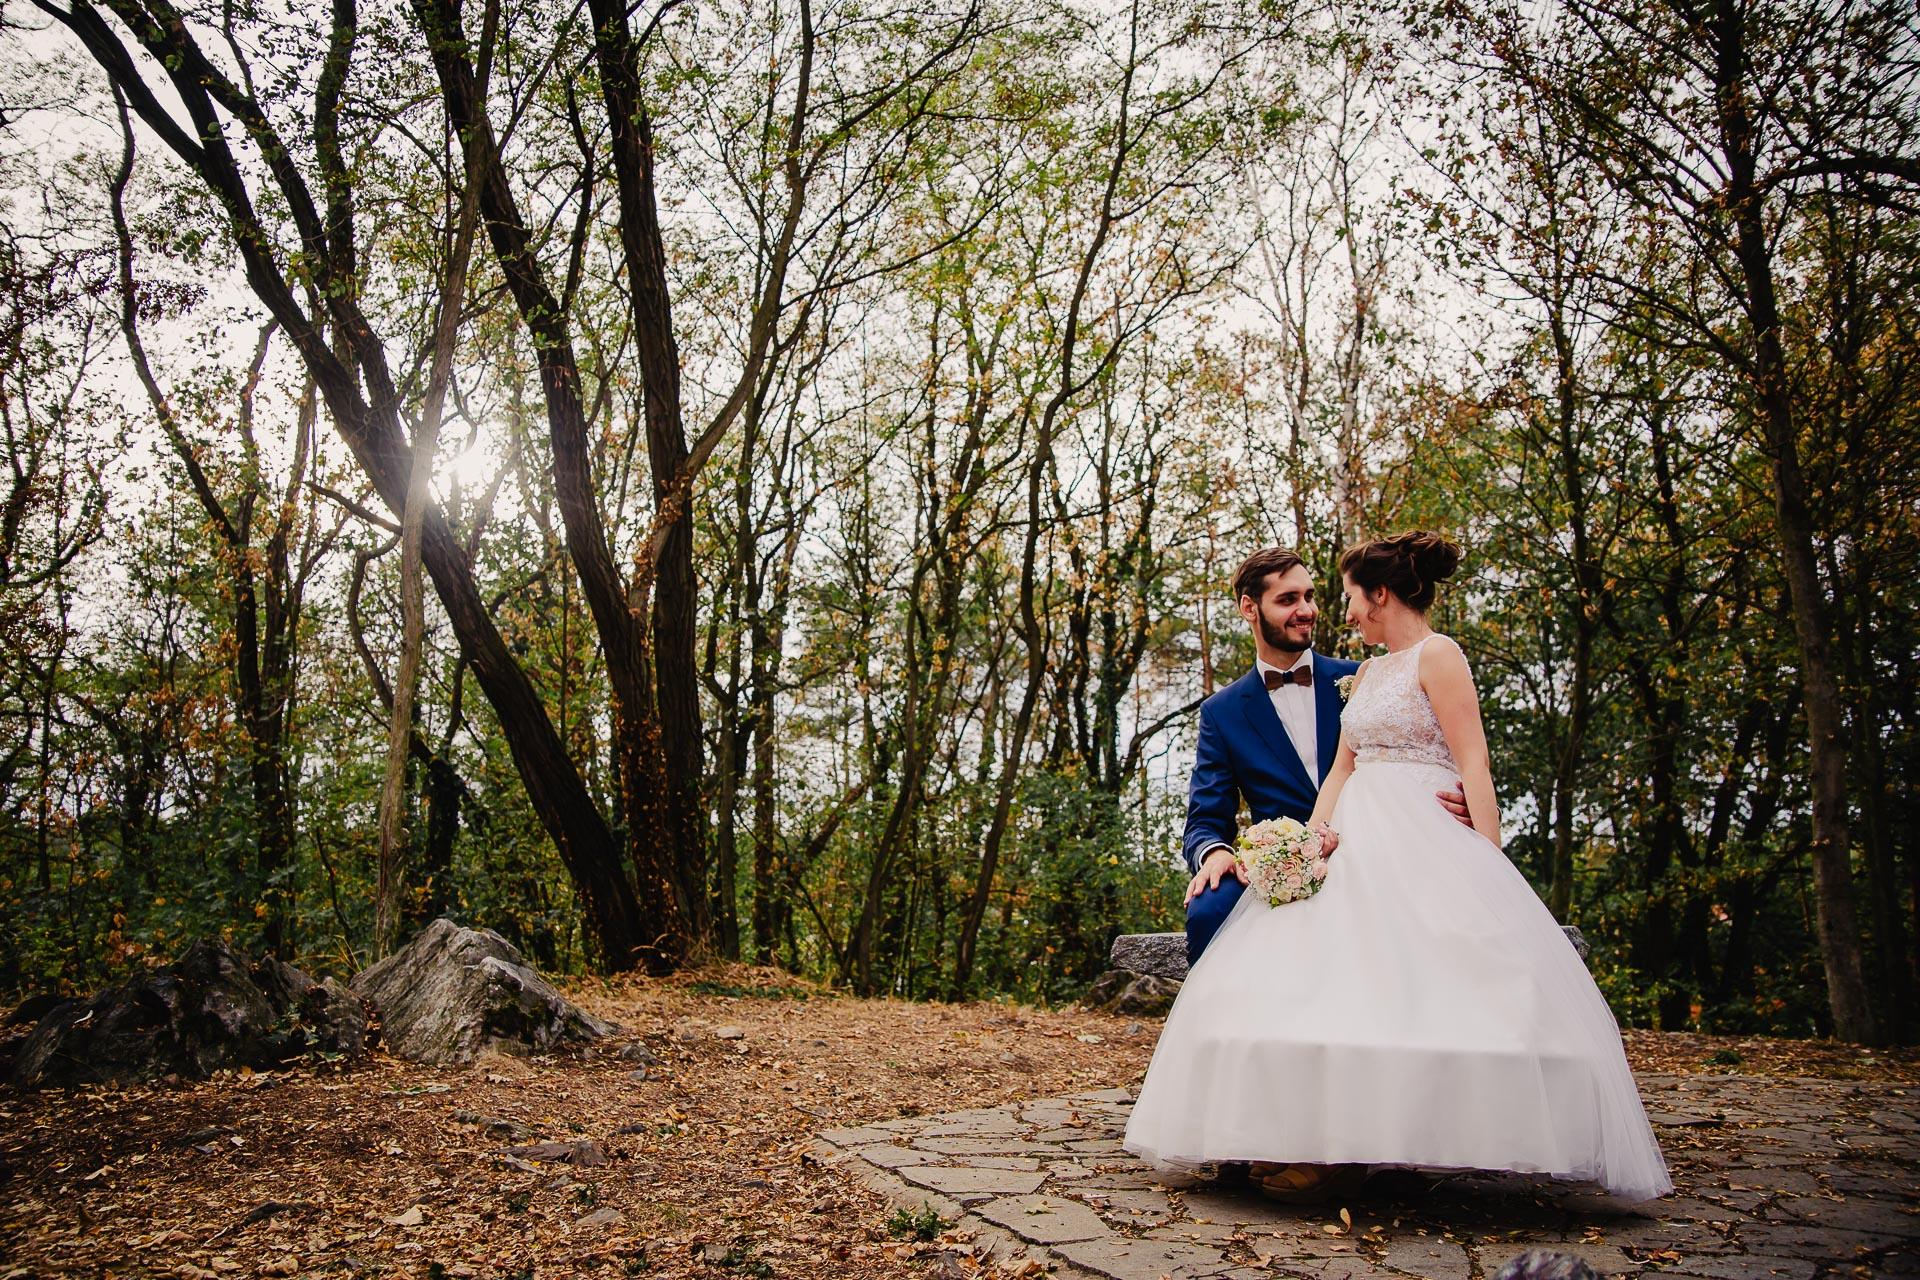 svatební fotograf Praha,svatba střední čechy, církevní obřad, svatba v kostele, nejhezčí svatební fotografie-3267